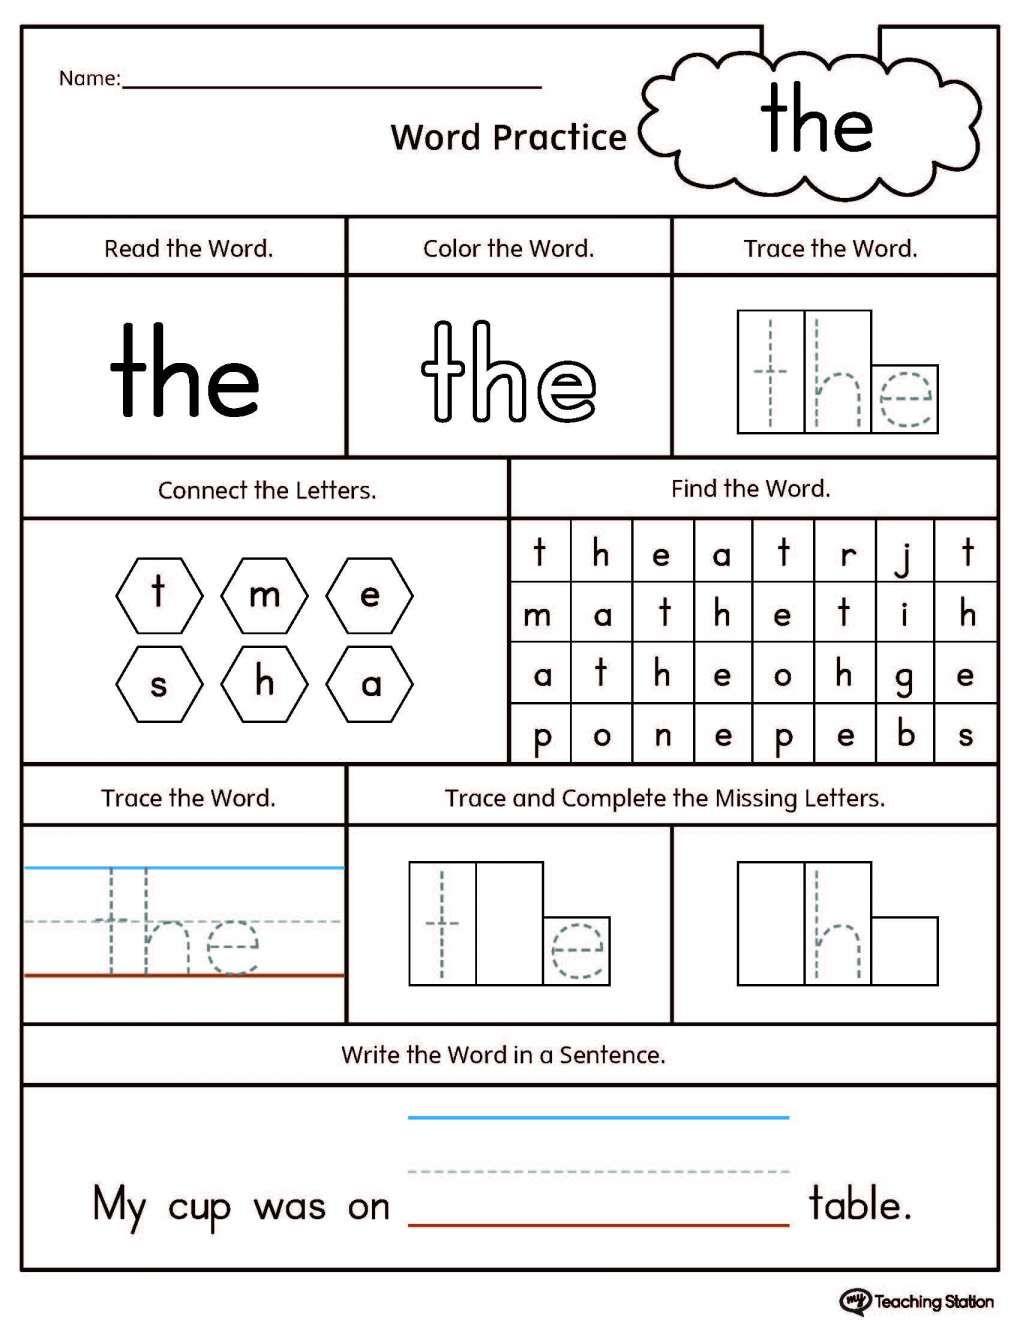 10 Sight Word It Worksheet Preschool Kindergarten Worksheets Sight Words Sight Word Worksheets Sight Word Worksheets Free